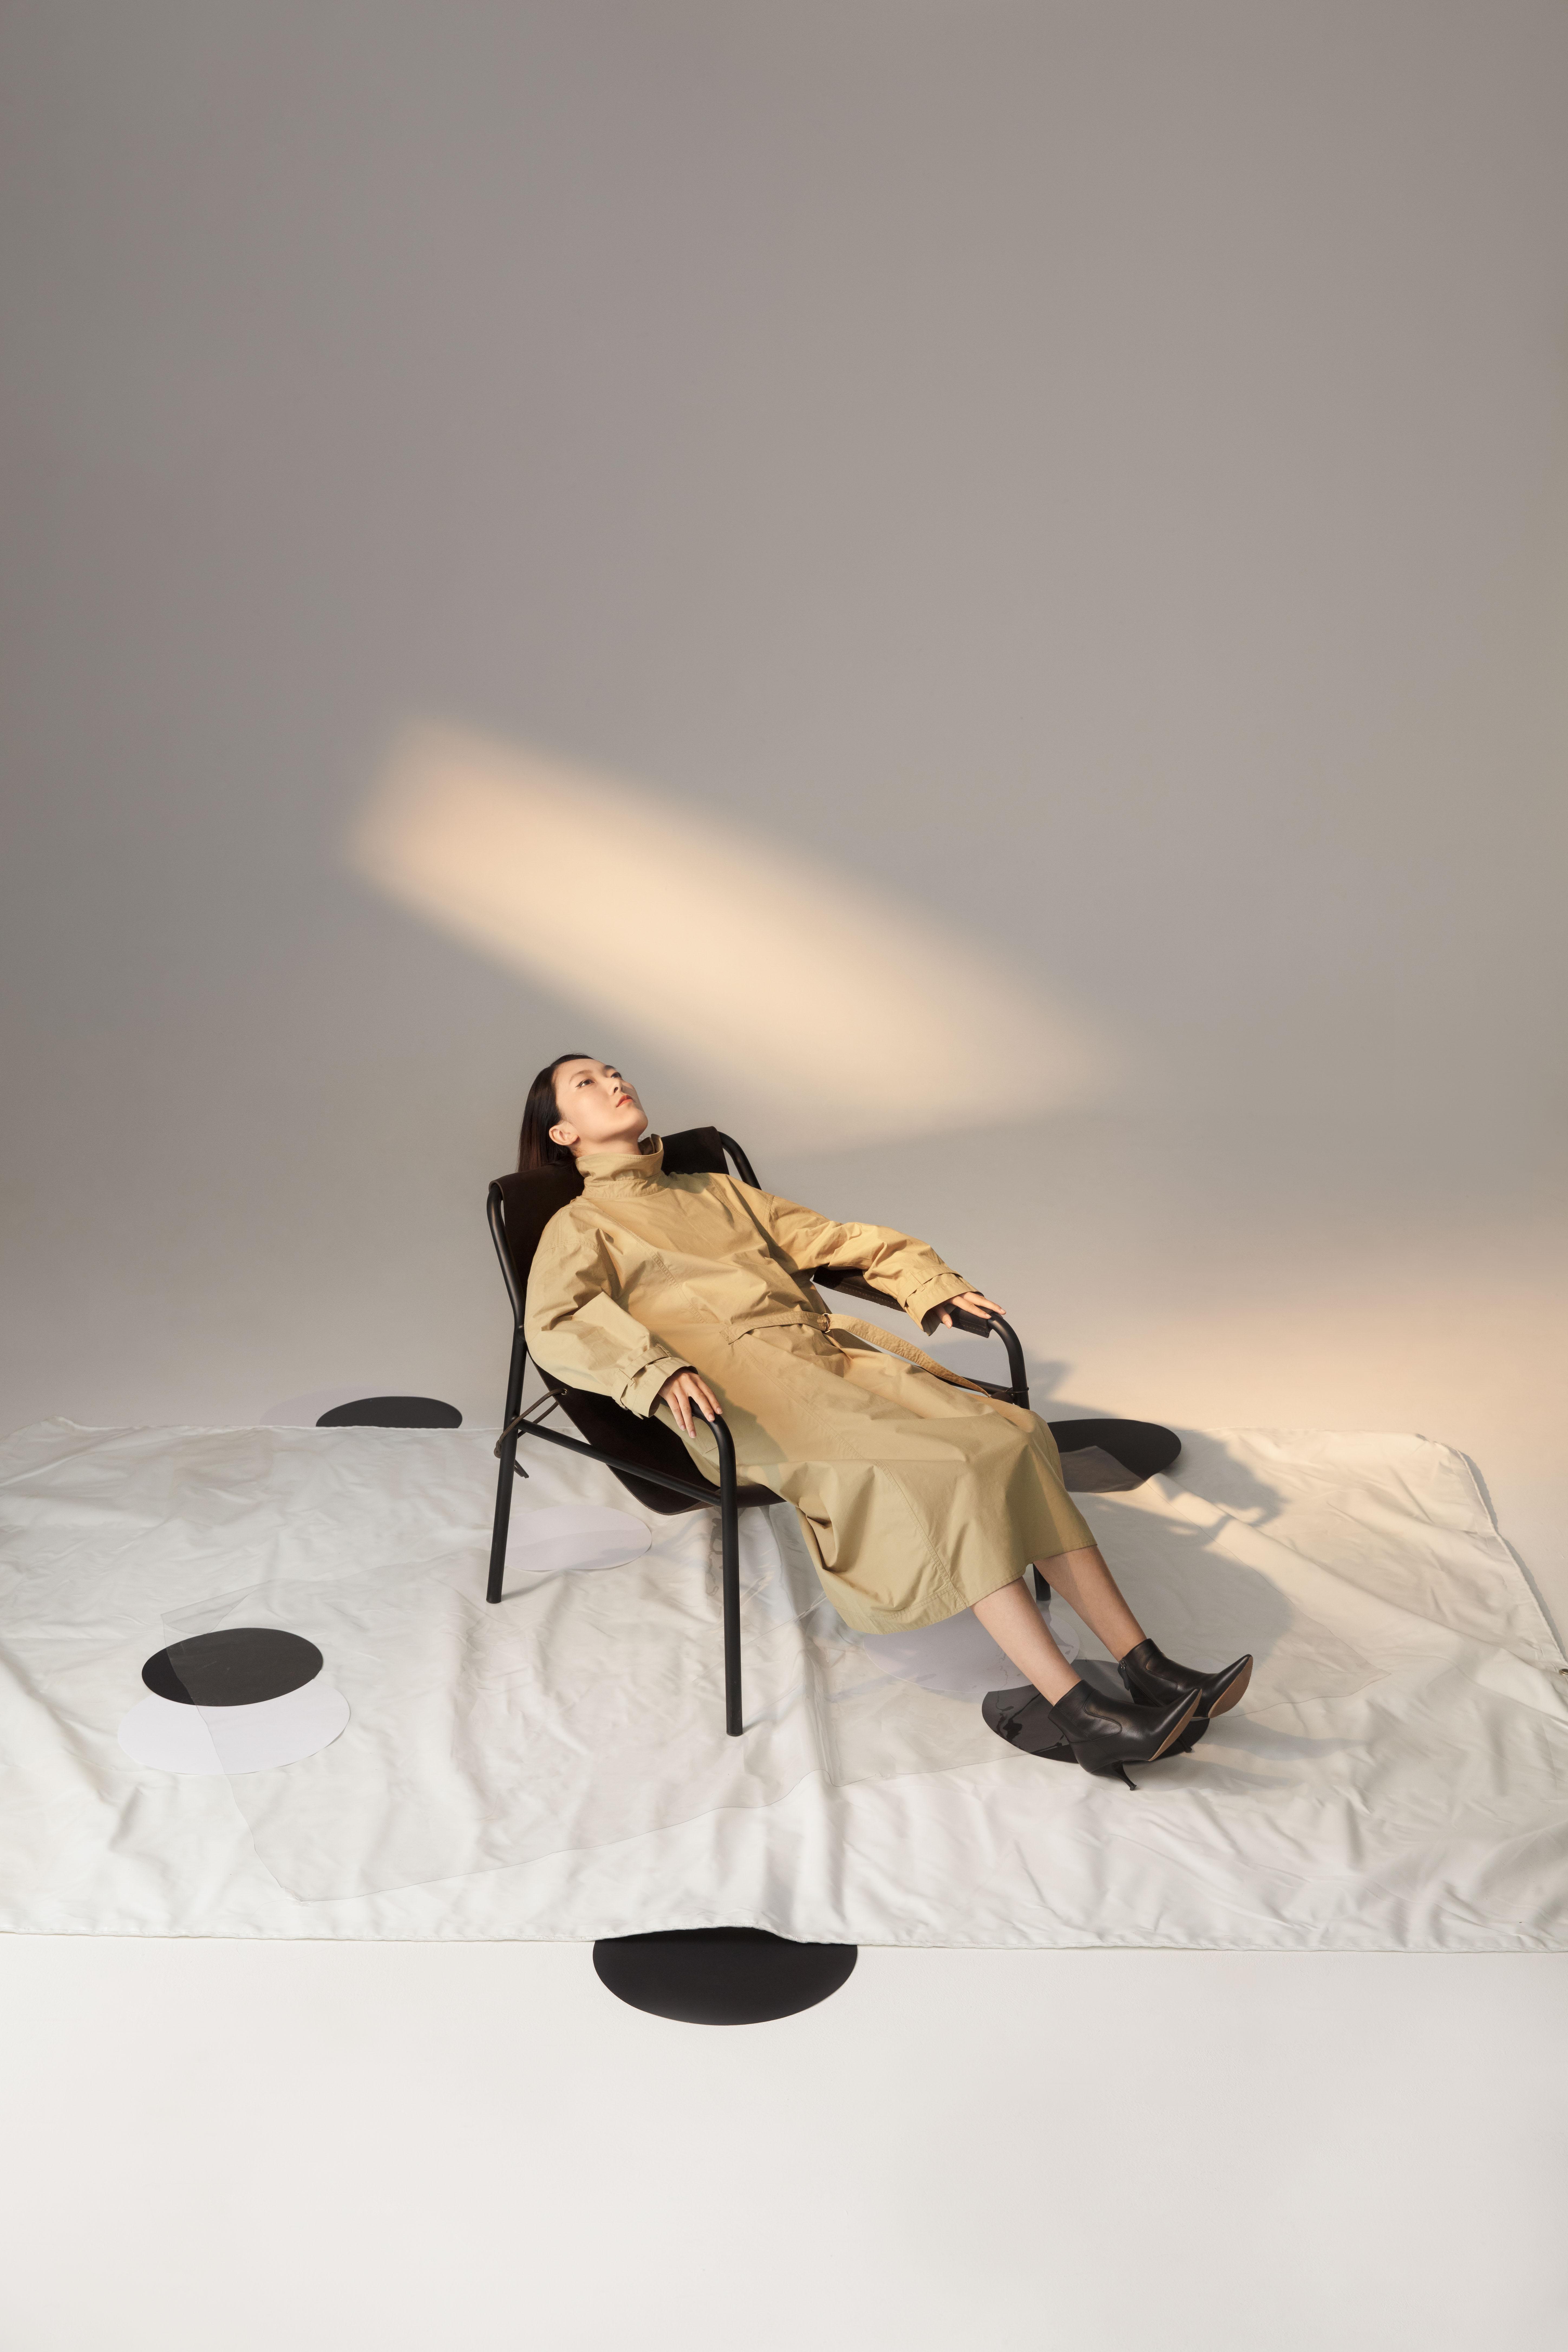 设计师何艳创立的同名女装品牌HE YAN,从2019年春夏系列开始,与ZUCZUG推出了持续性的合作系列服饰。